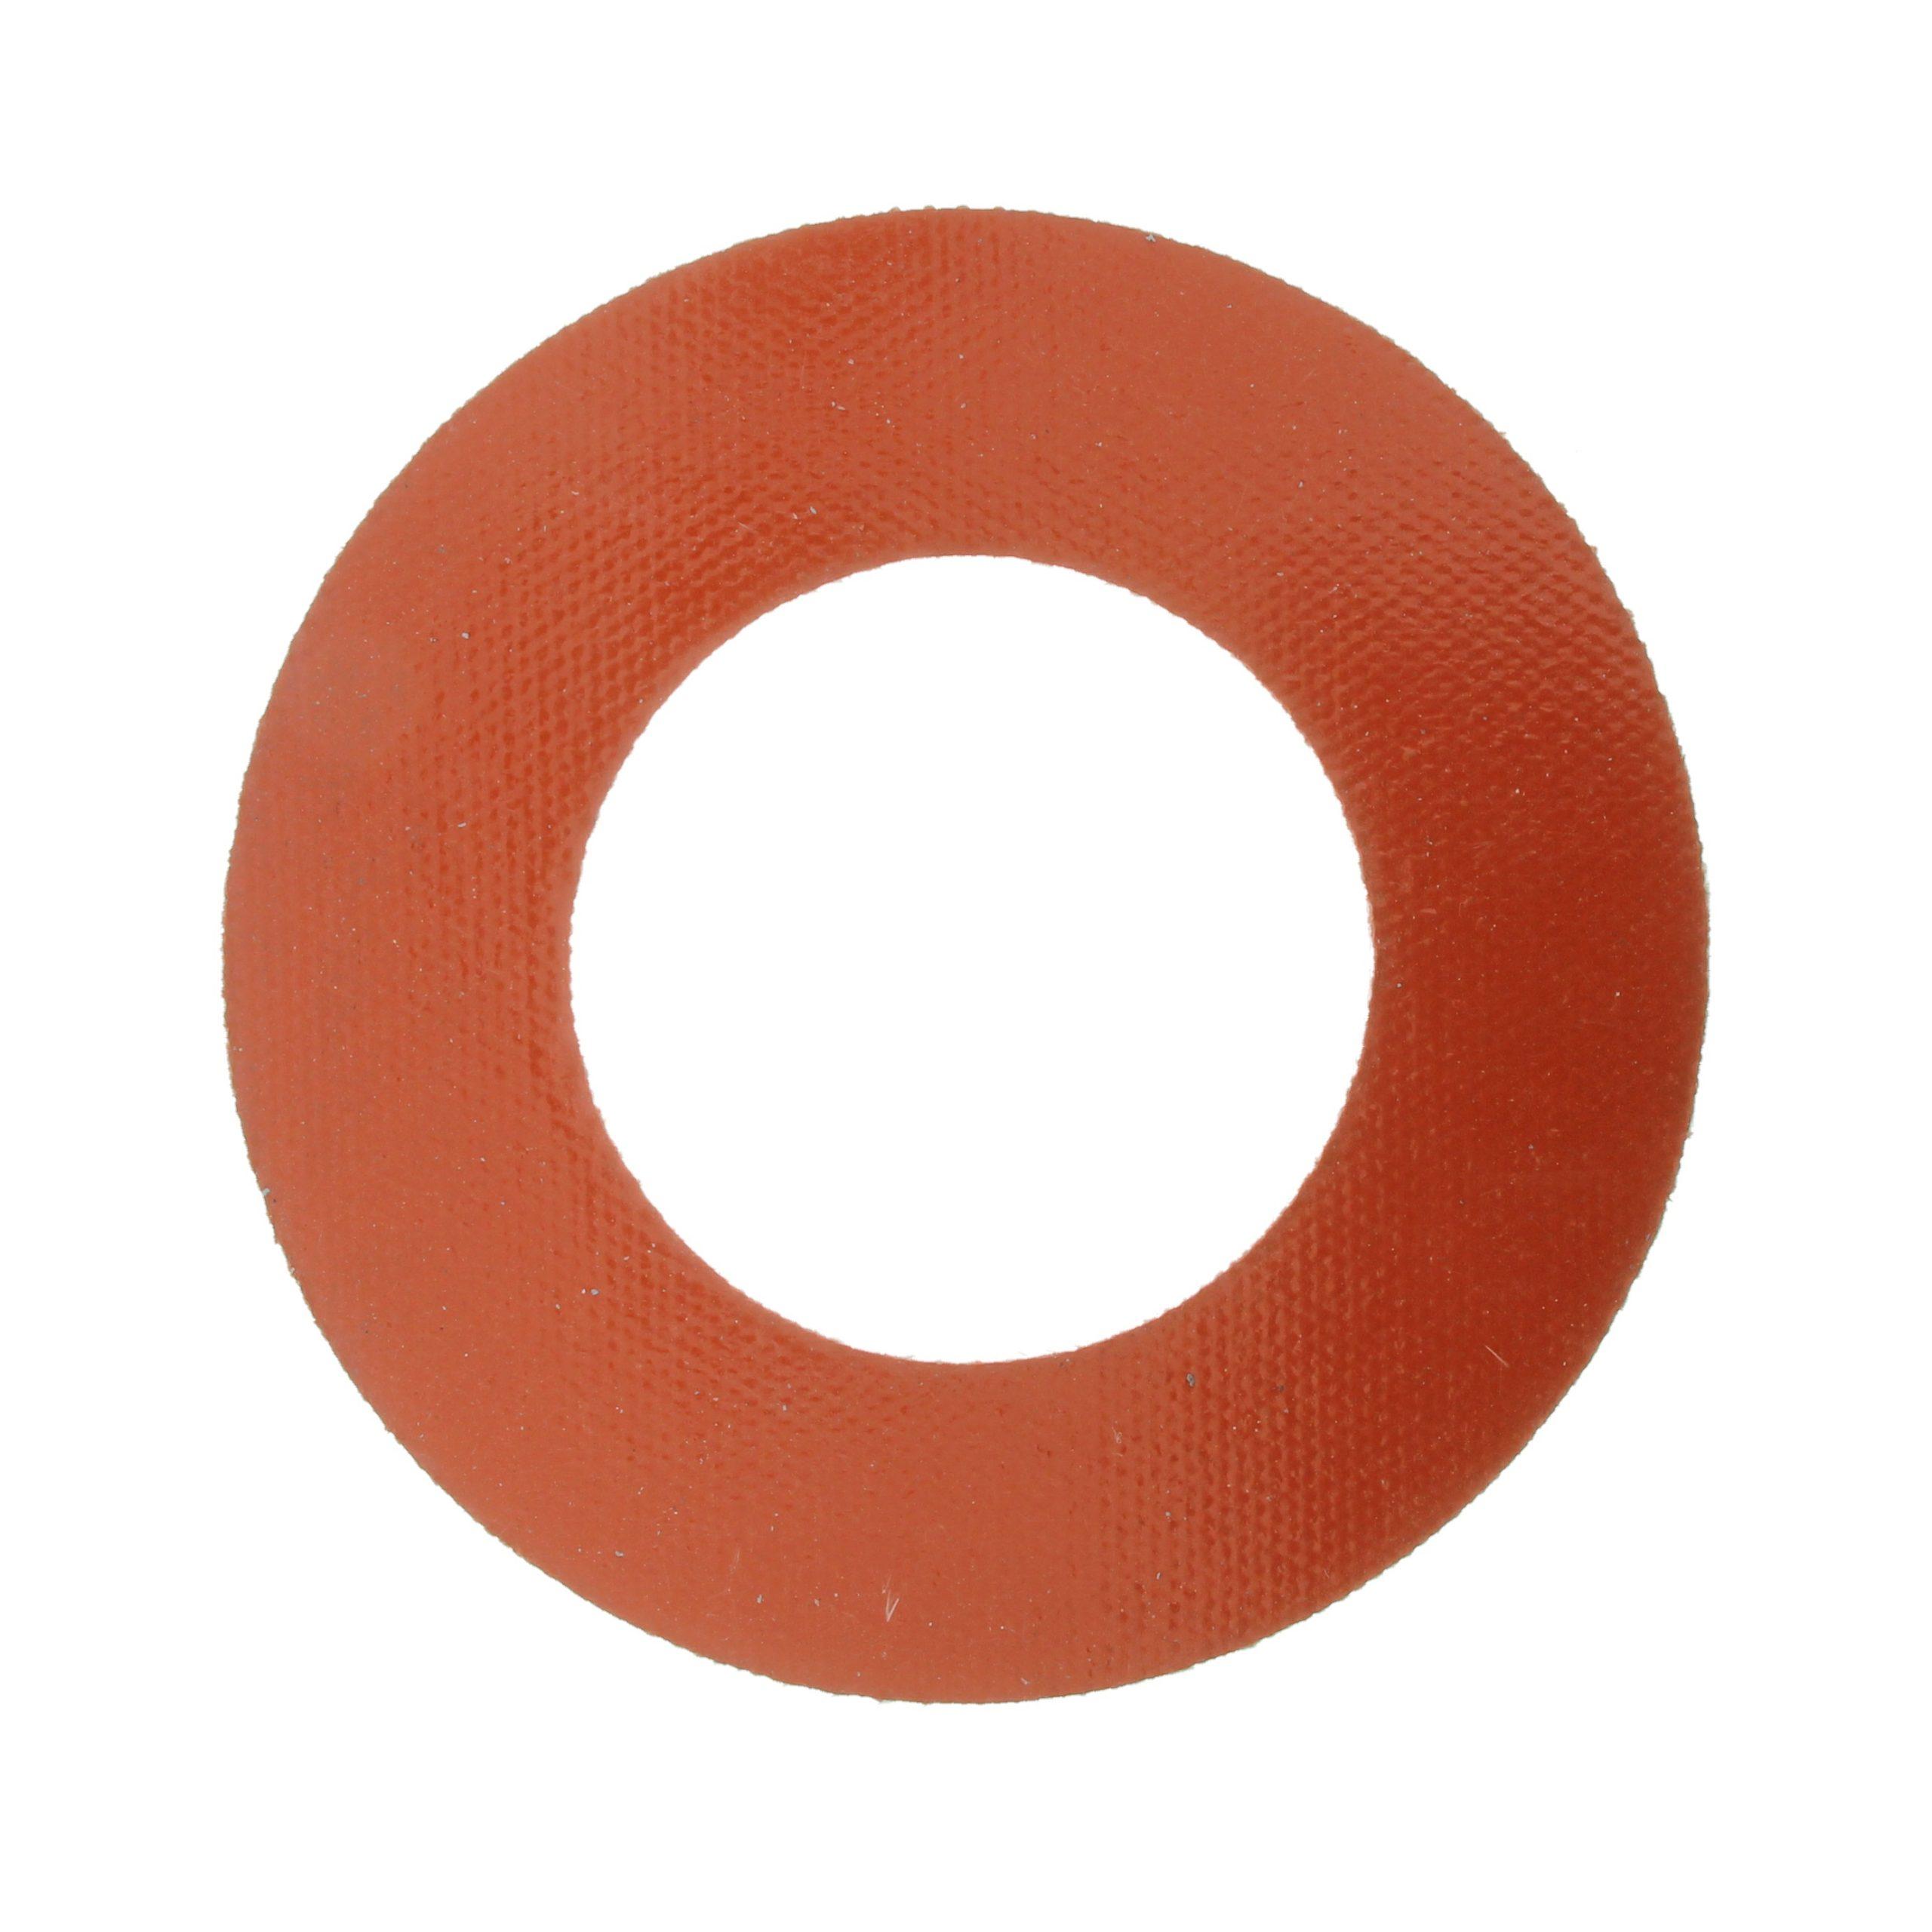 Прокладка силиконовая  (90) д/опок СФ 80 мм INDUTHERM 14210030